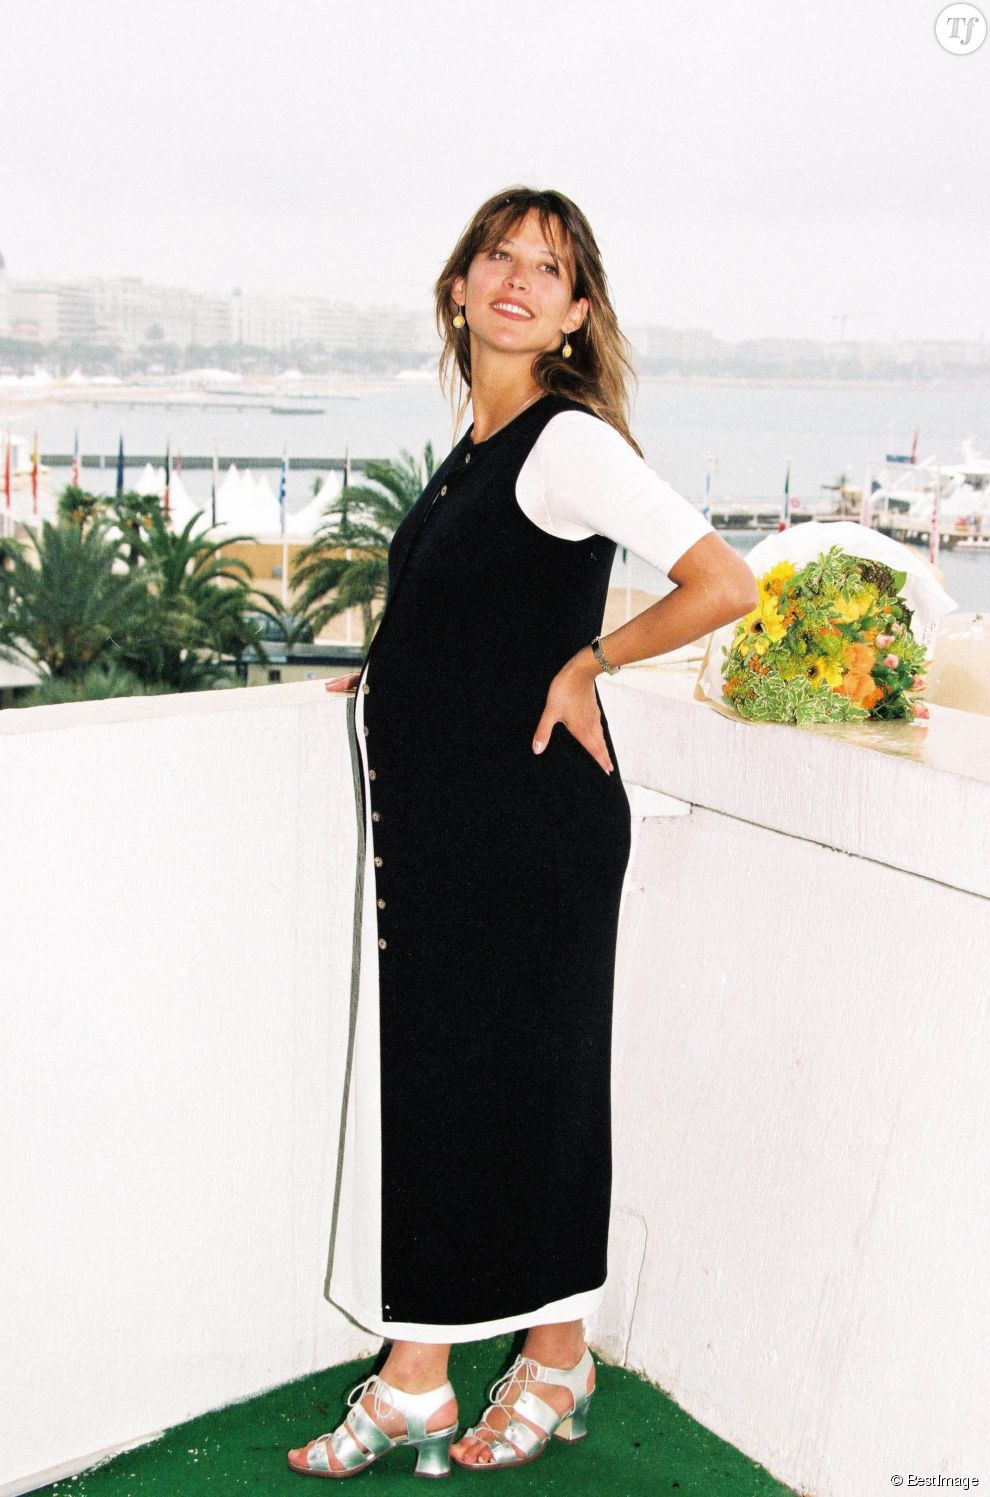 Sophie marceau, enceinte, au Festival de cannes en 1995